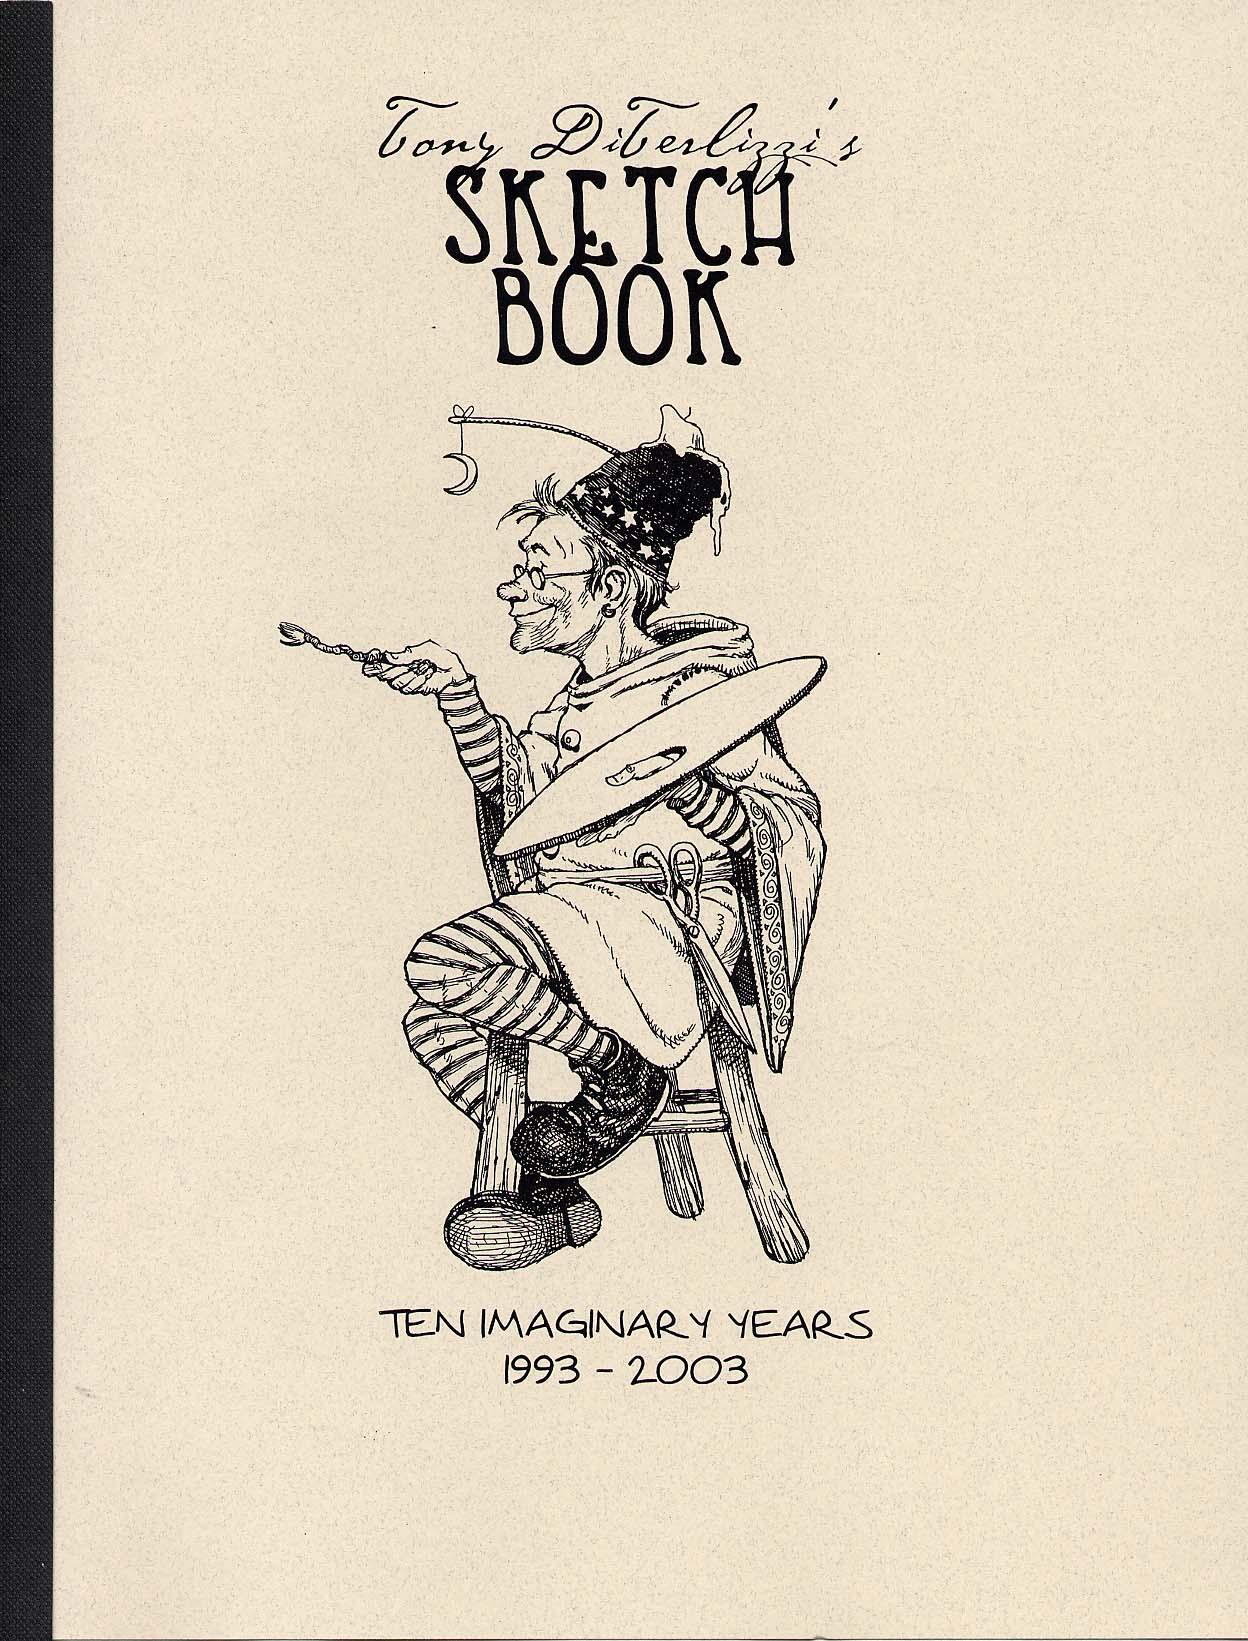 Ten Imaginary Years (1993-2003)